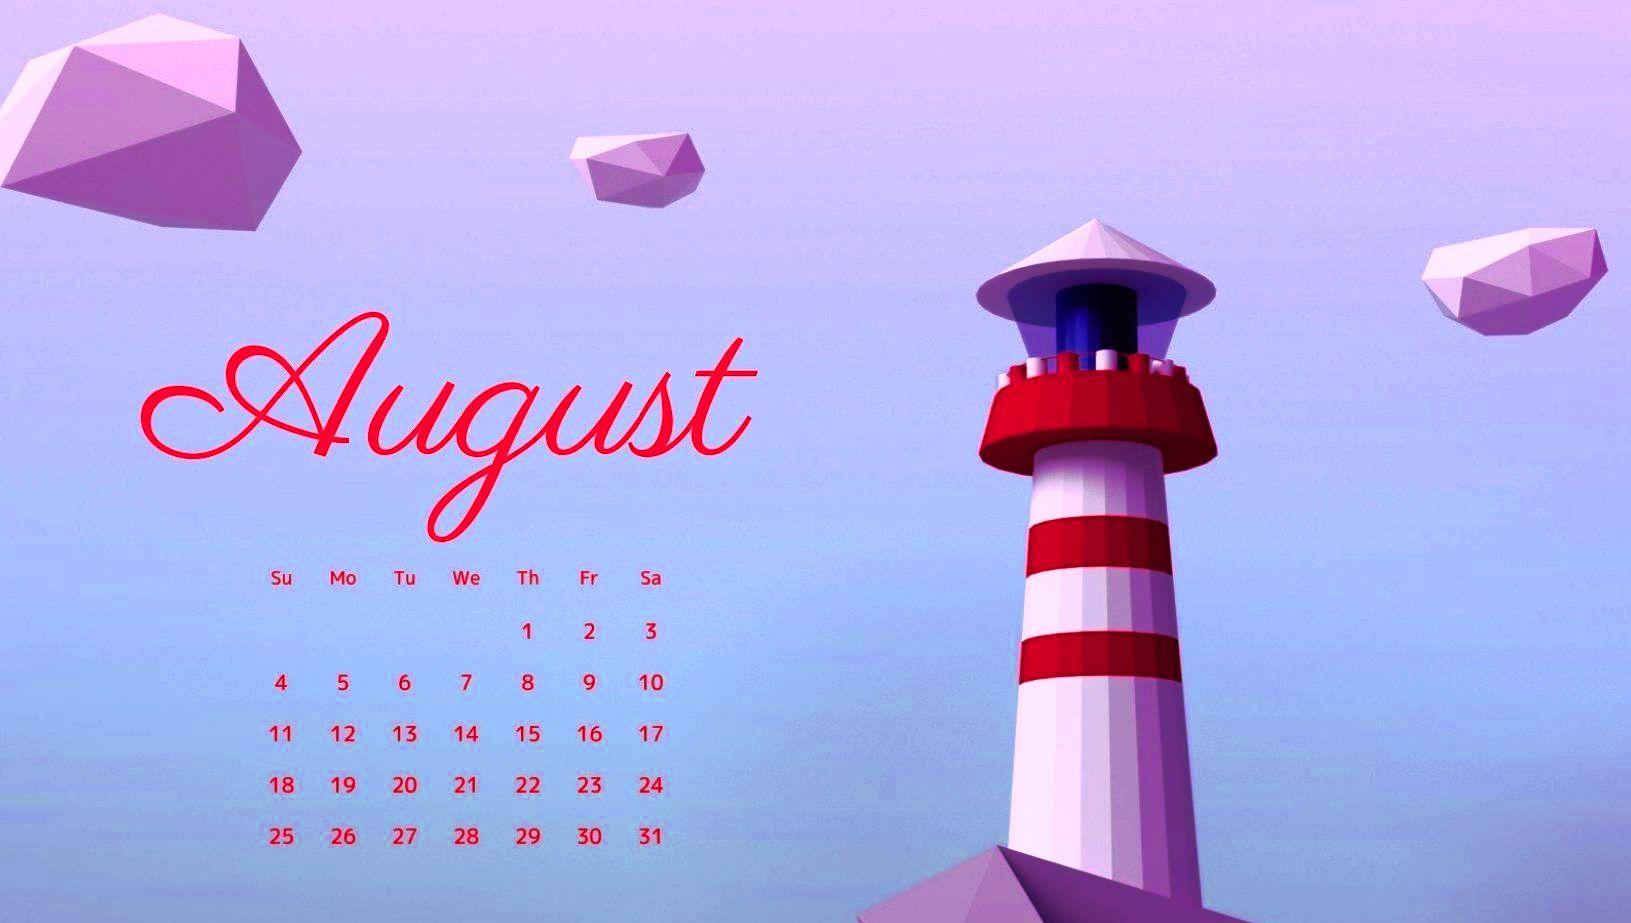 August 2019 Desktop Calendar